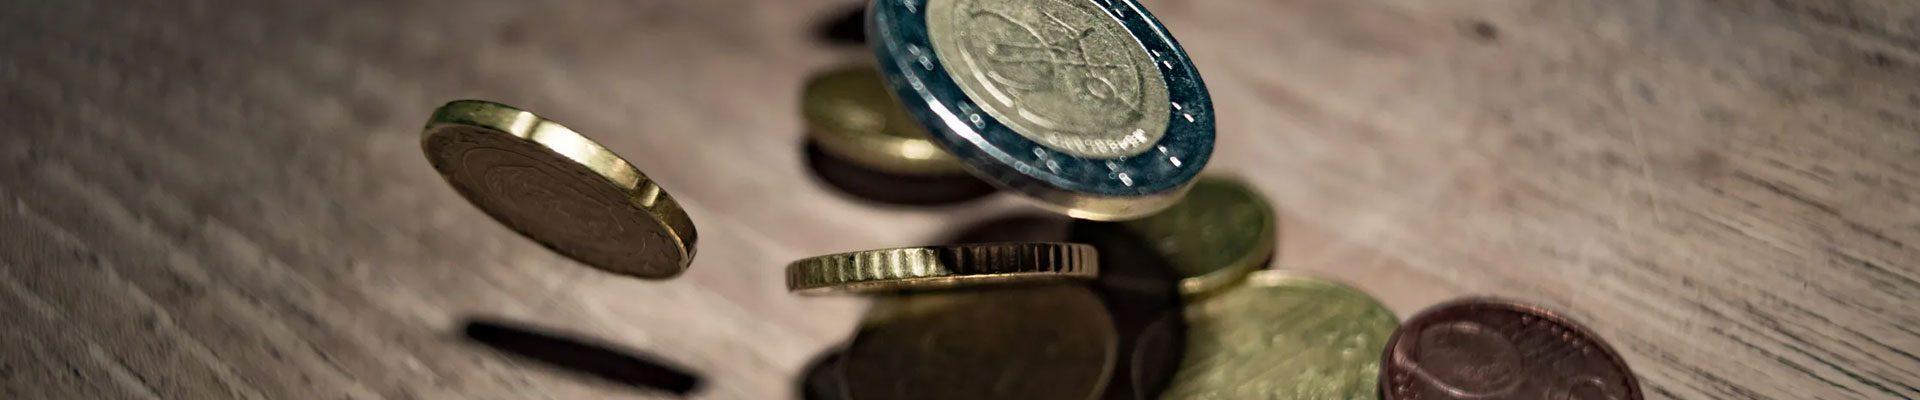 wat kost een webshop euros